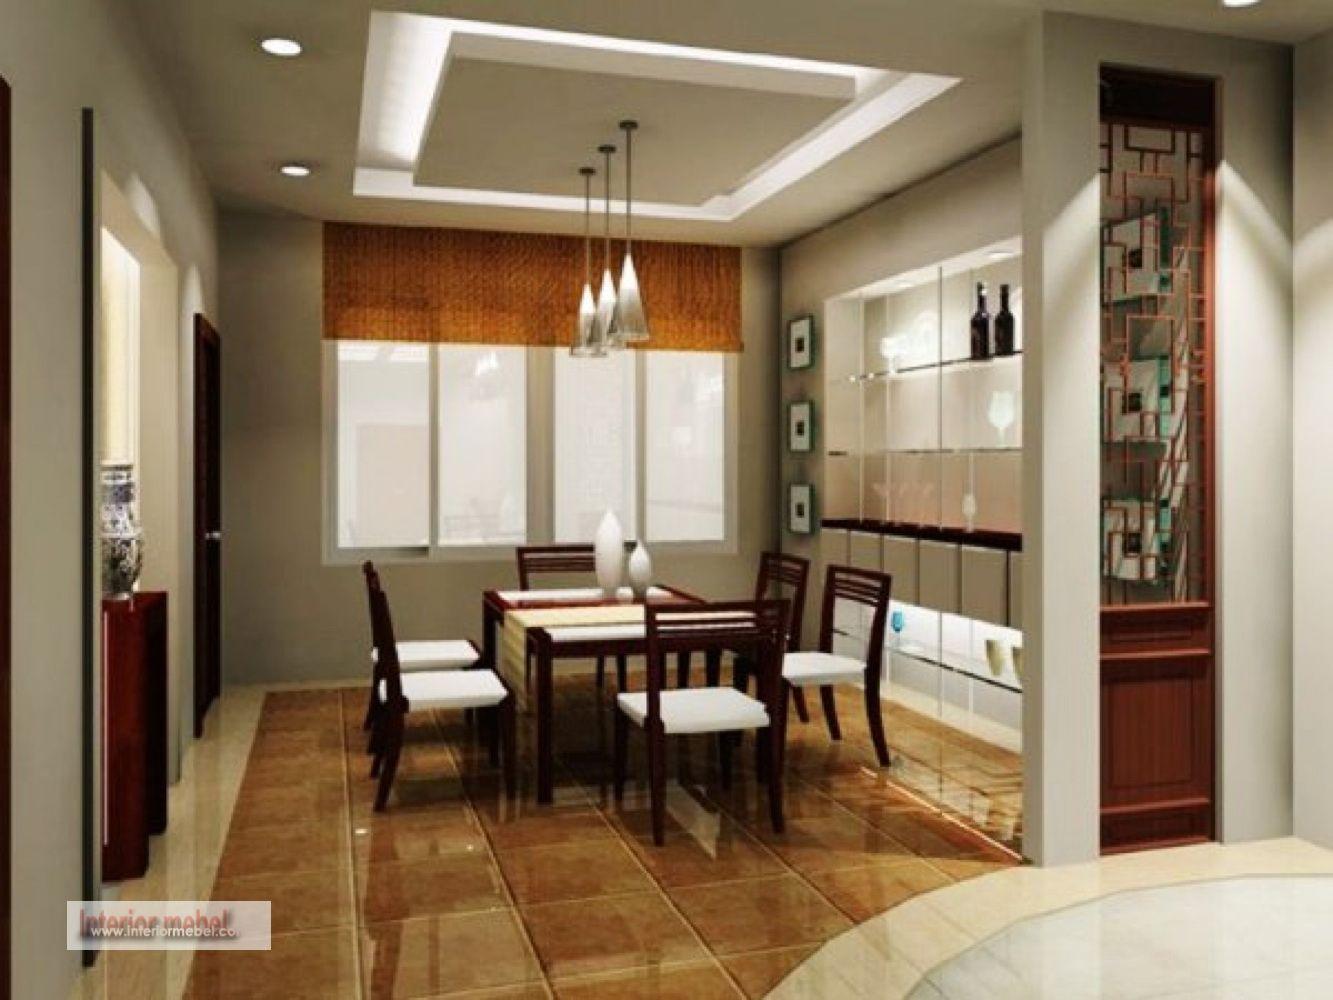 60 Desain Plafon Rumah Saat Anda Ingin Mengubah Rumah Anda